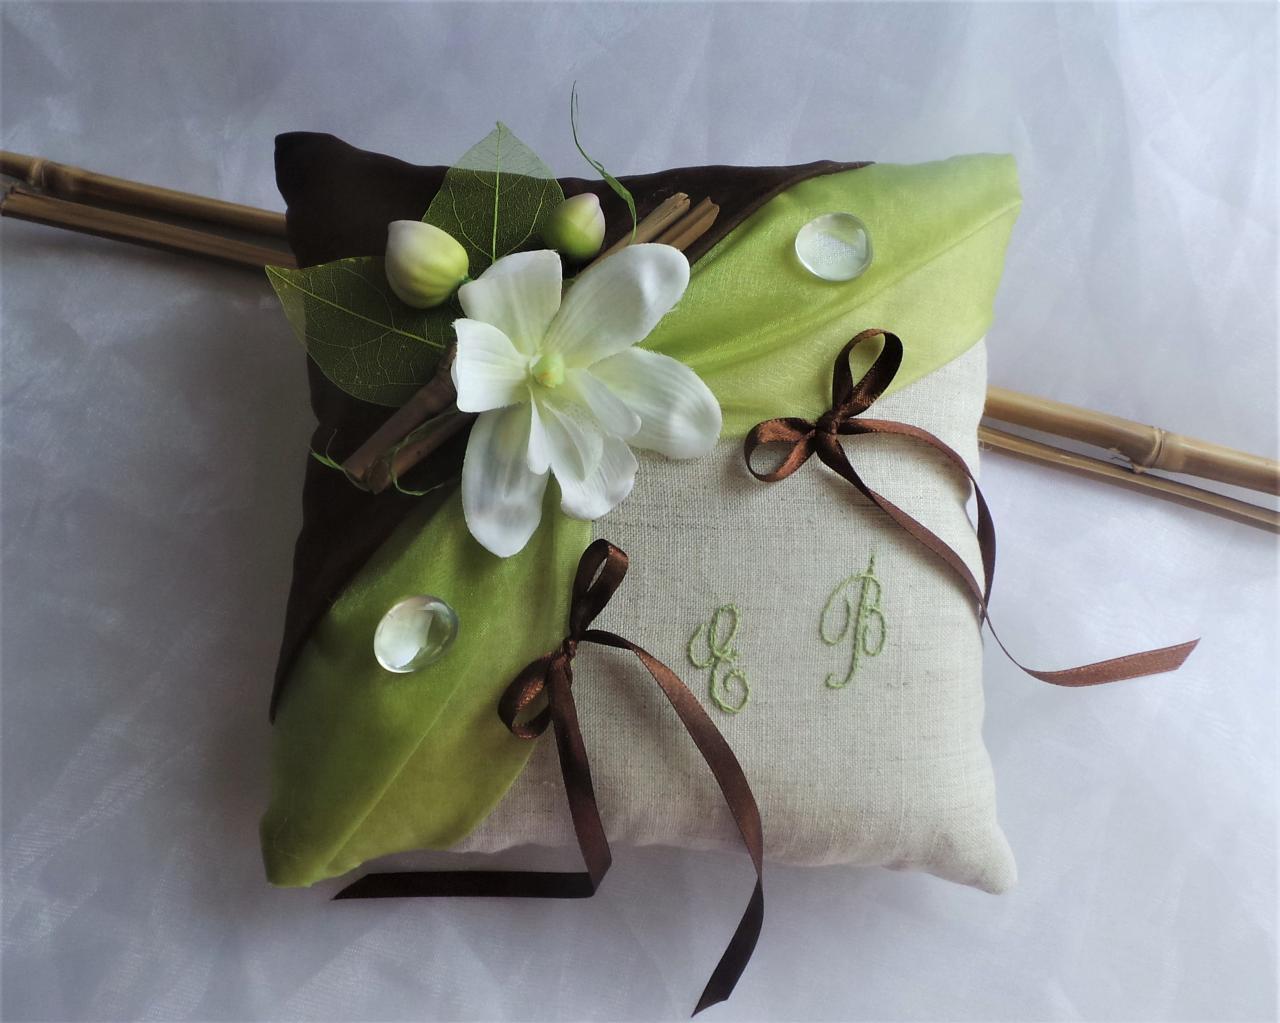 coussin alliances chocolat anis Zen bambou orchidée